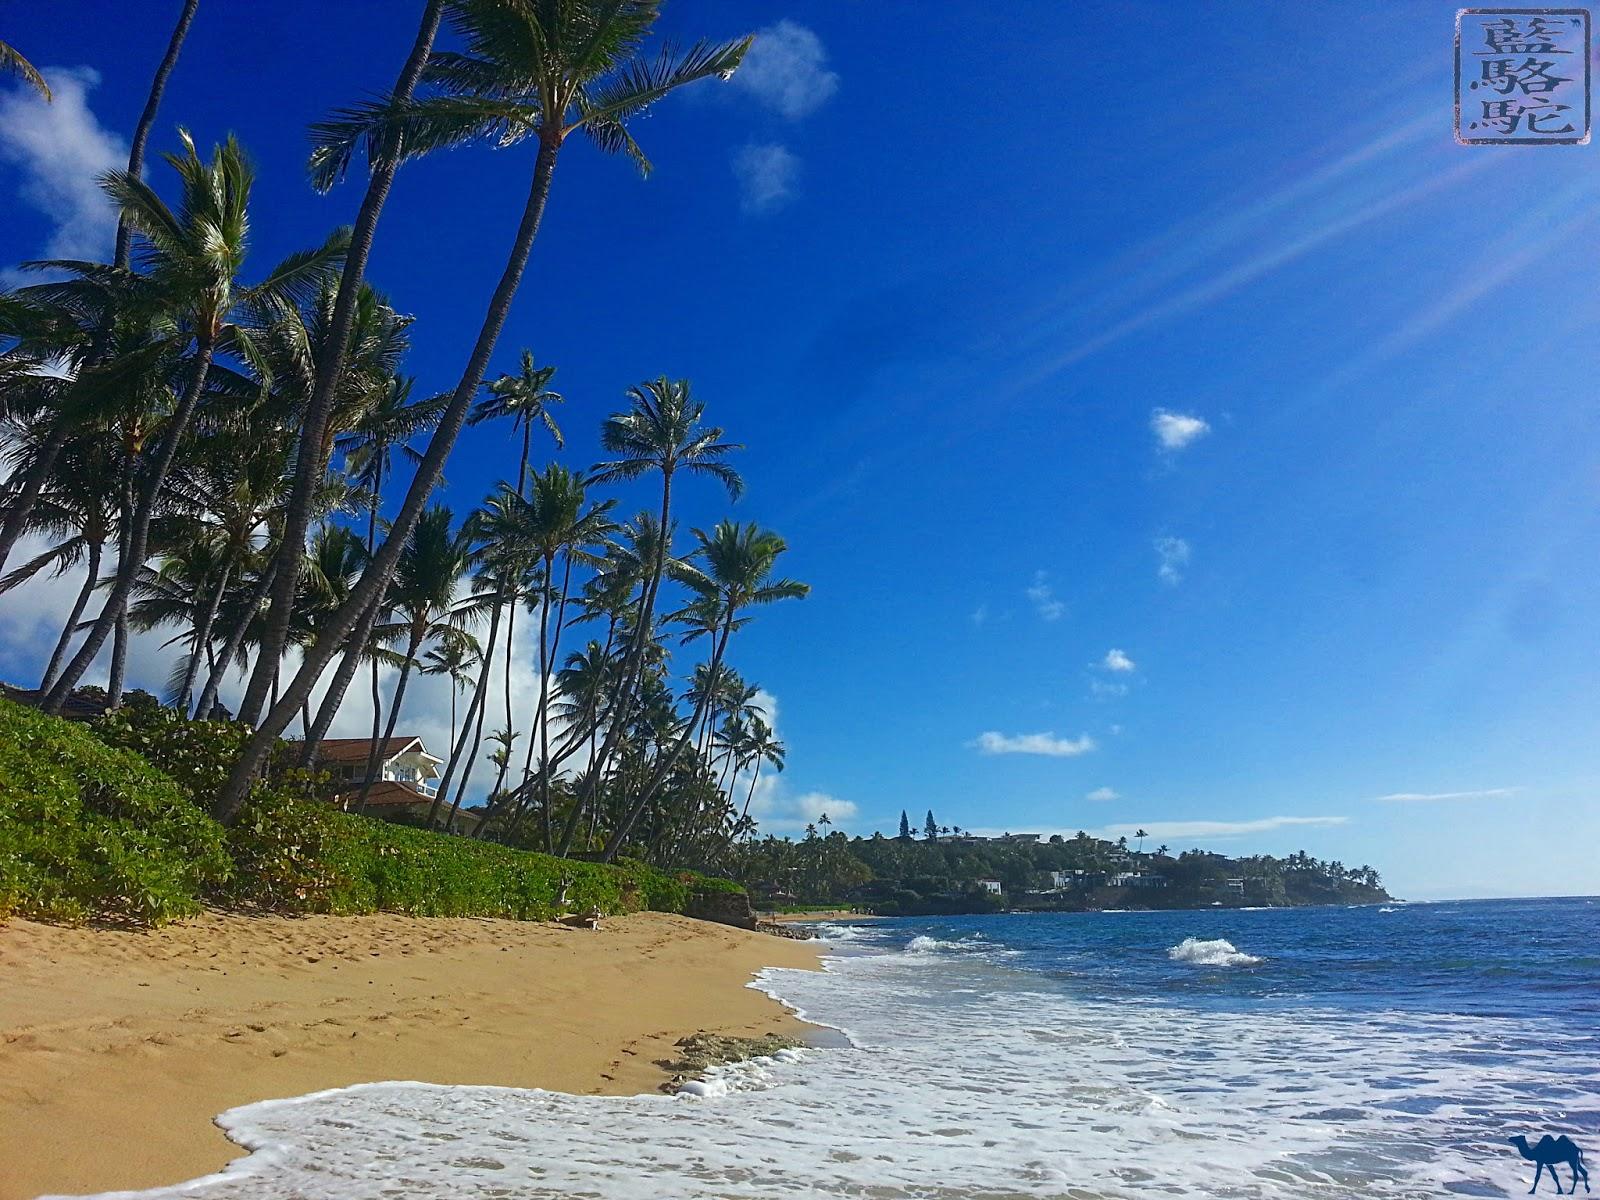 Le Chameau Bleu - Cote d'Hawaii